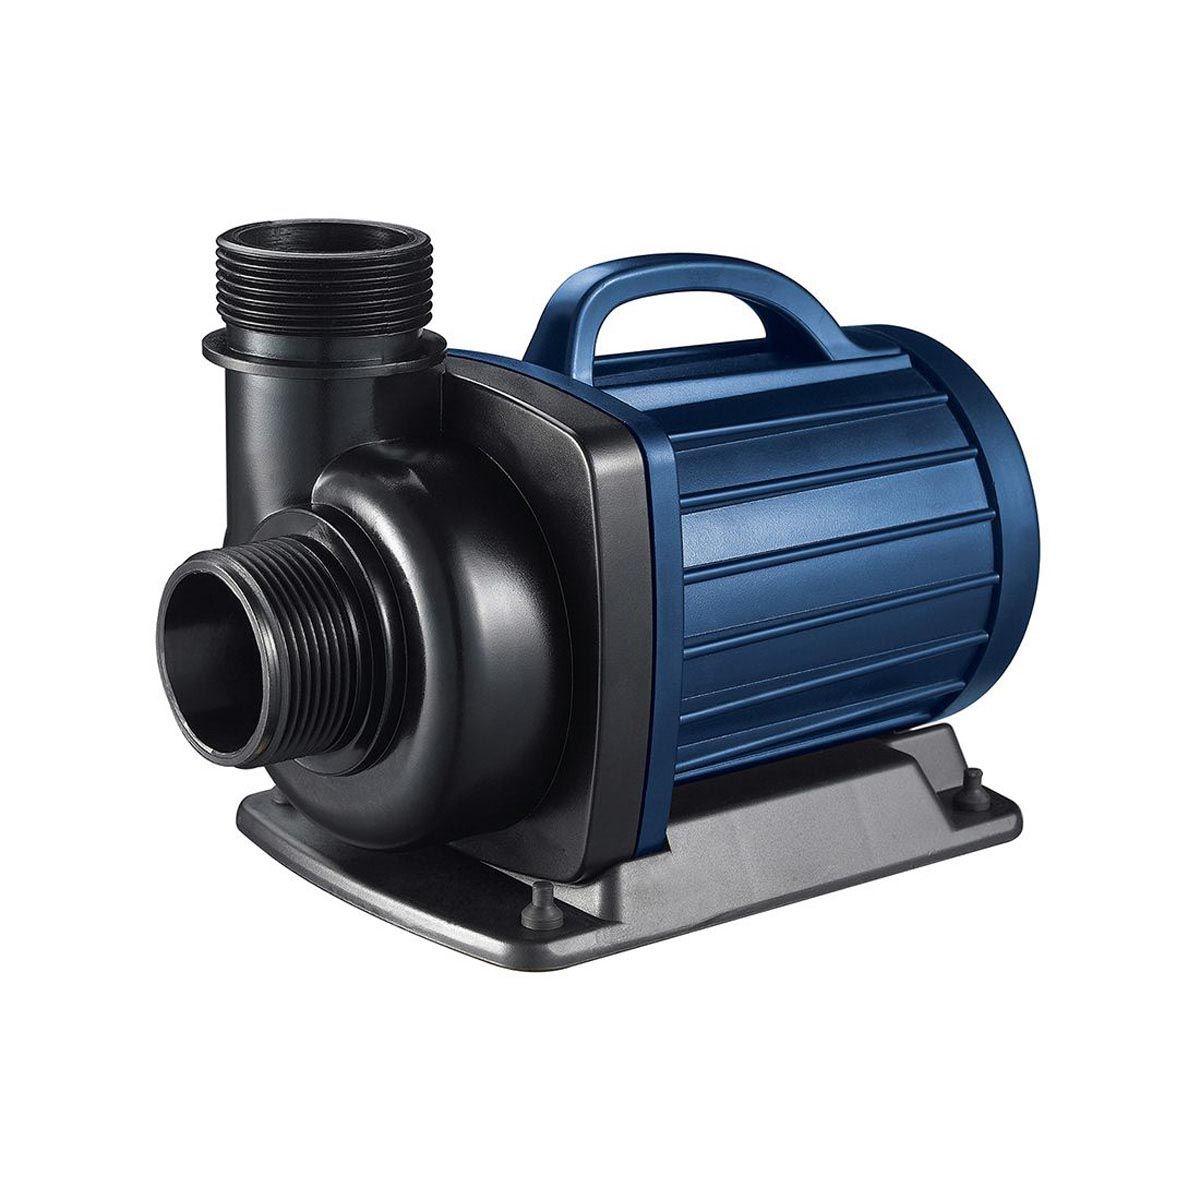 Teichpumpe LV 5000 12 Volt, speziell für Schwimmteiche, H max. 3.5 m, Q max. 5000 l/h, 0.040kW